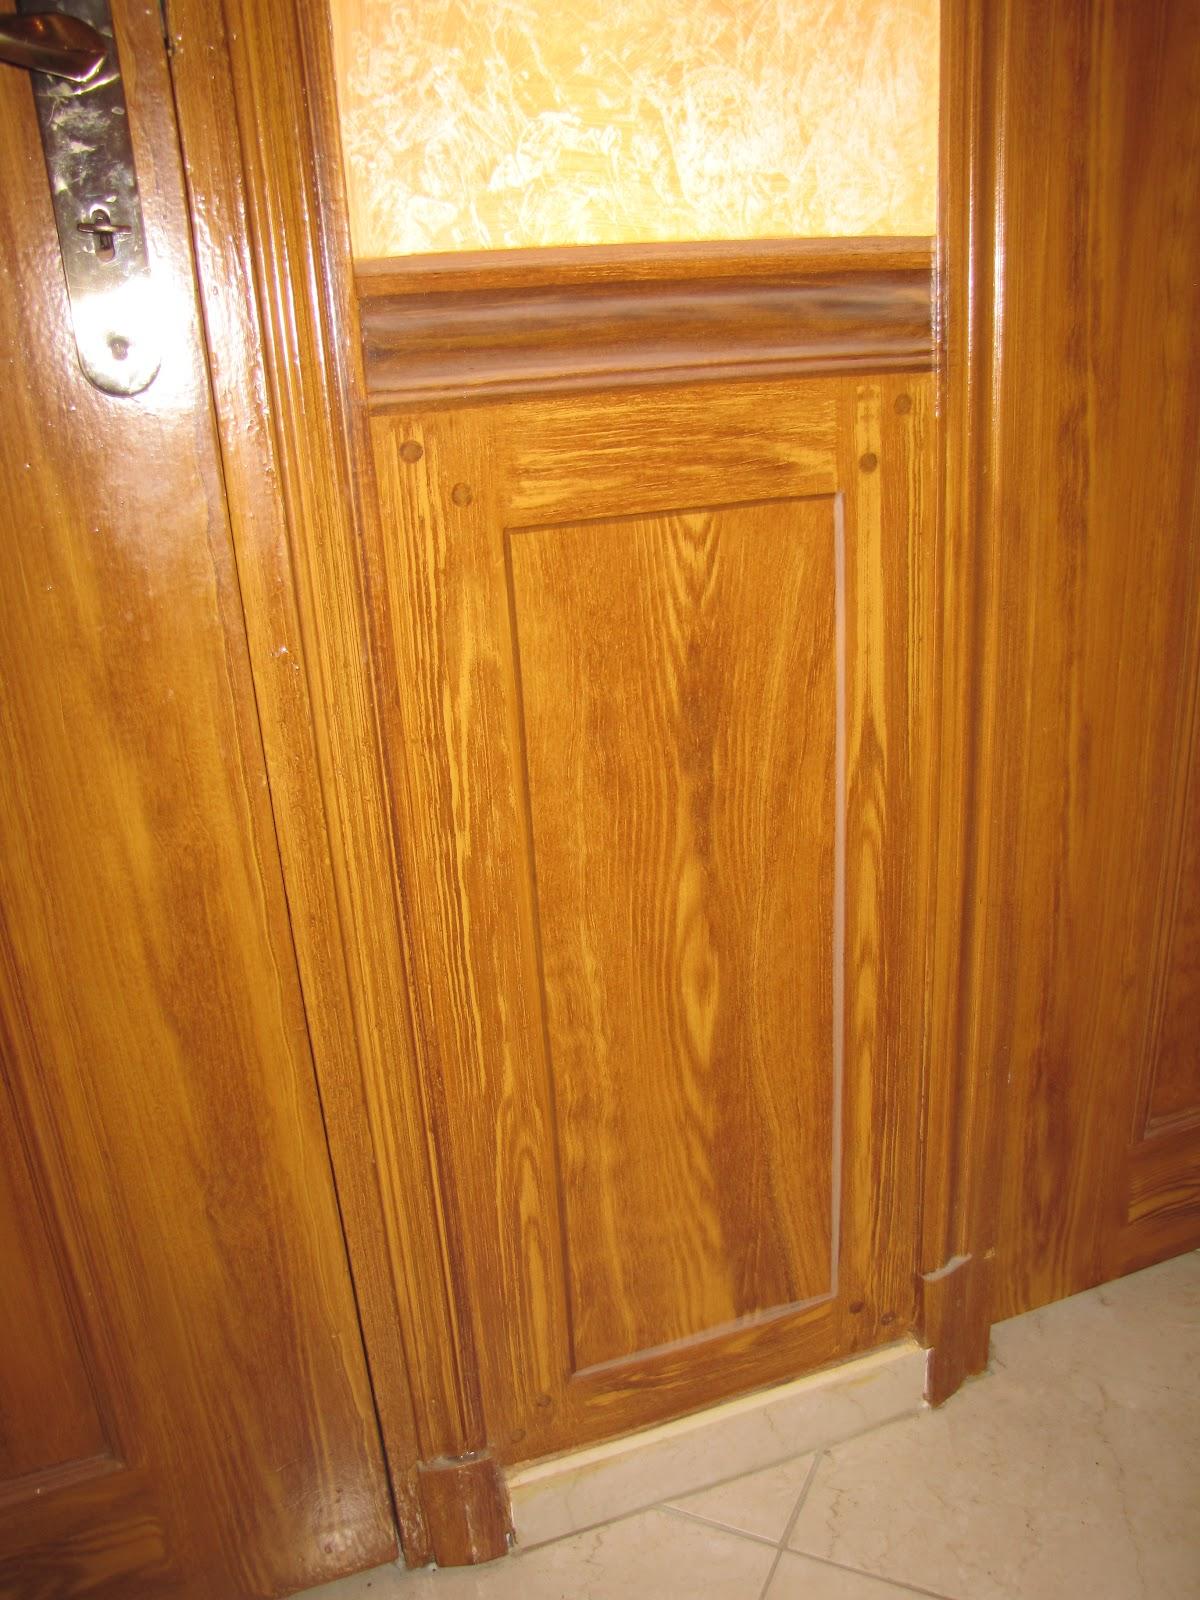 peinture d corative artisanale didier roussel imitation bois panneau moulure en trompe l 39 oeil. Black Bedroom Furniture Sets. Home Design Ideas